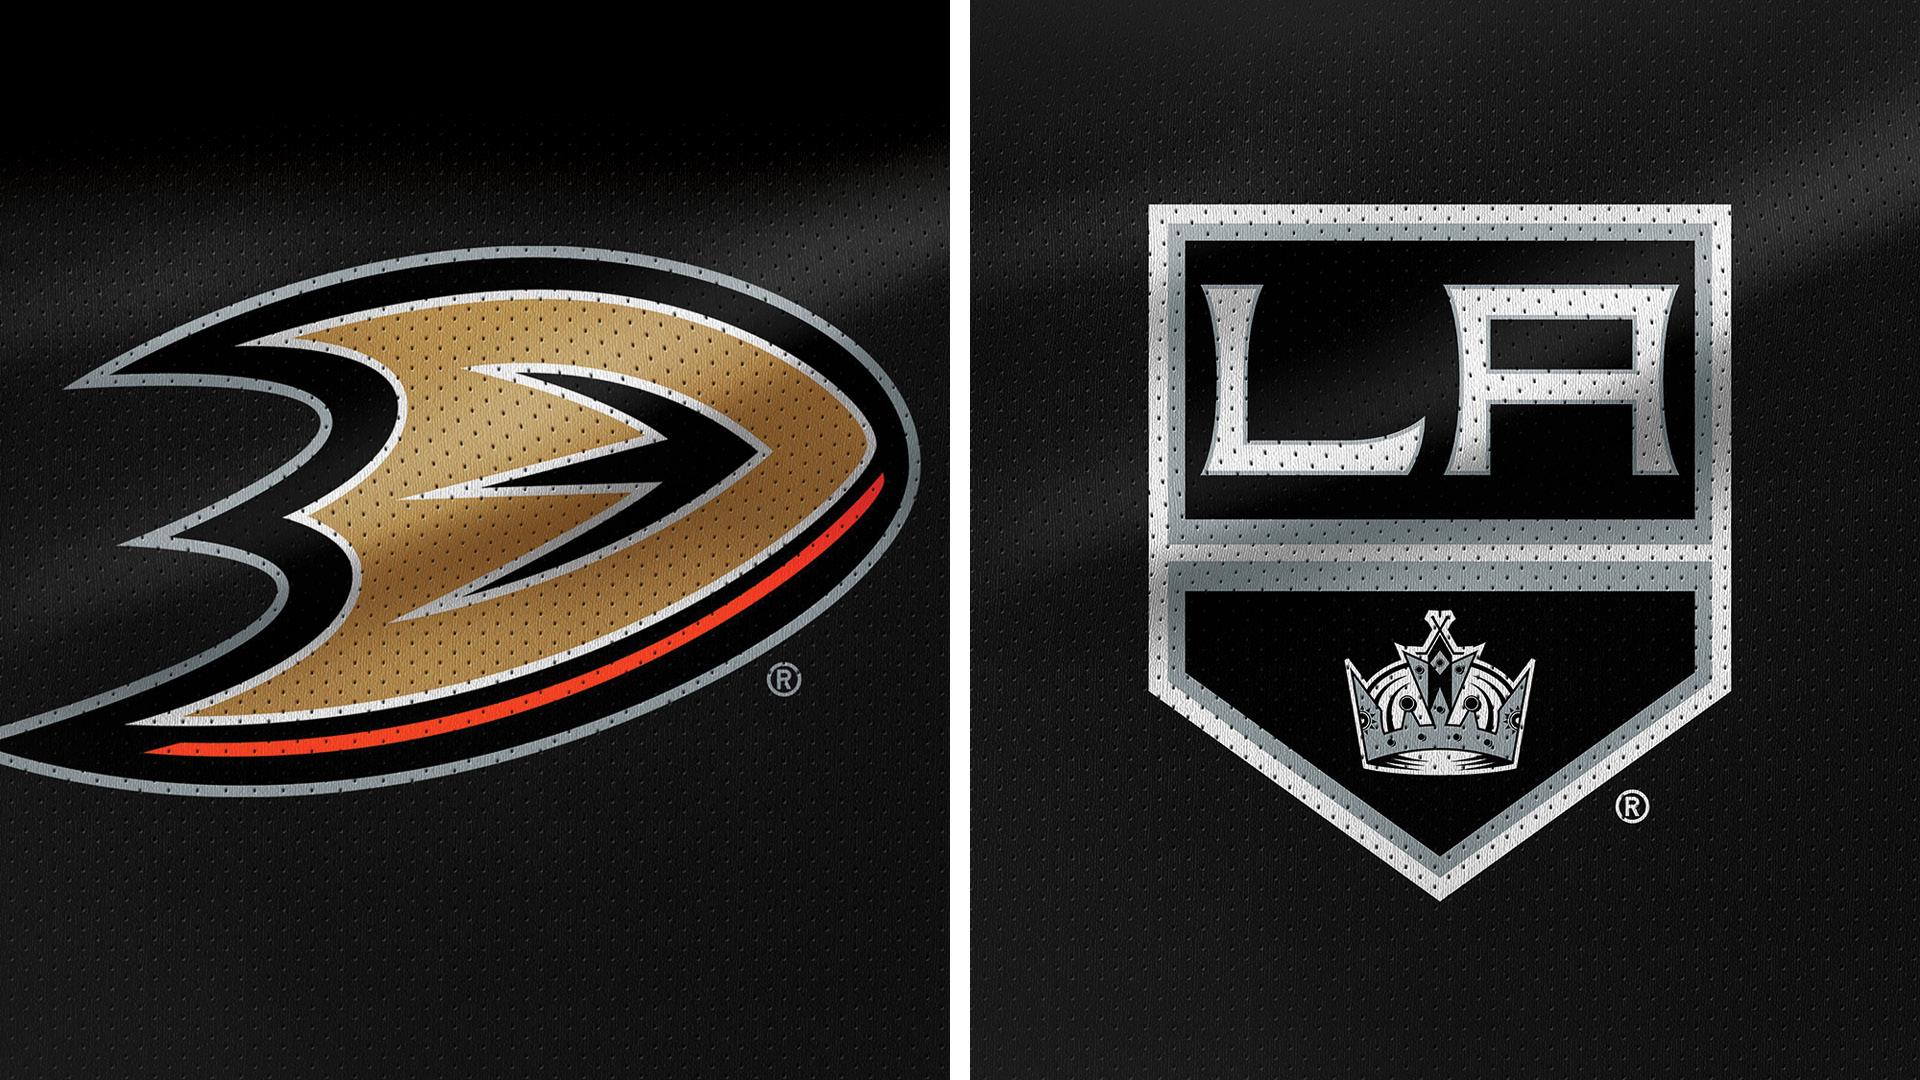 Rivalmöten - Lagets största rivaler är Los Angeles Kings och Anaheim Ducks som även de är hemmahörande i Kalifornien. Det korta avståndet mellan de tre klubbarna har skapat en naturlig rivalitet.